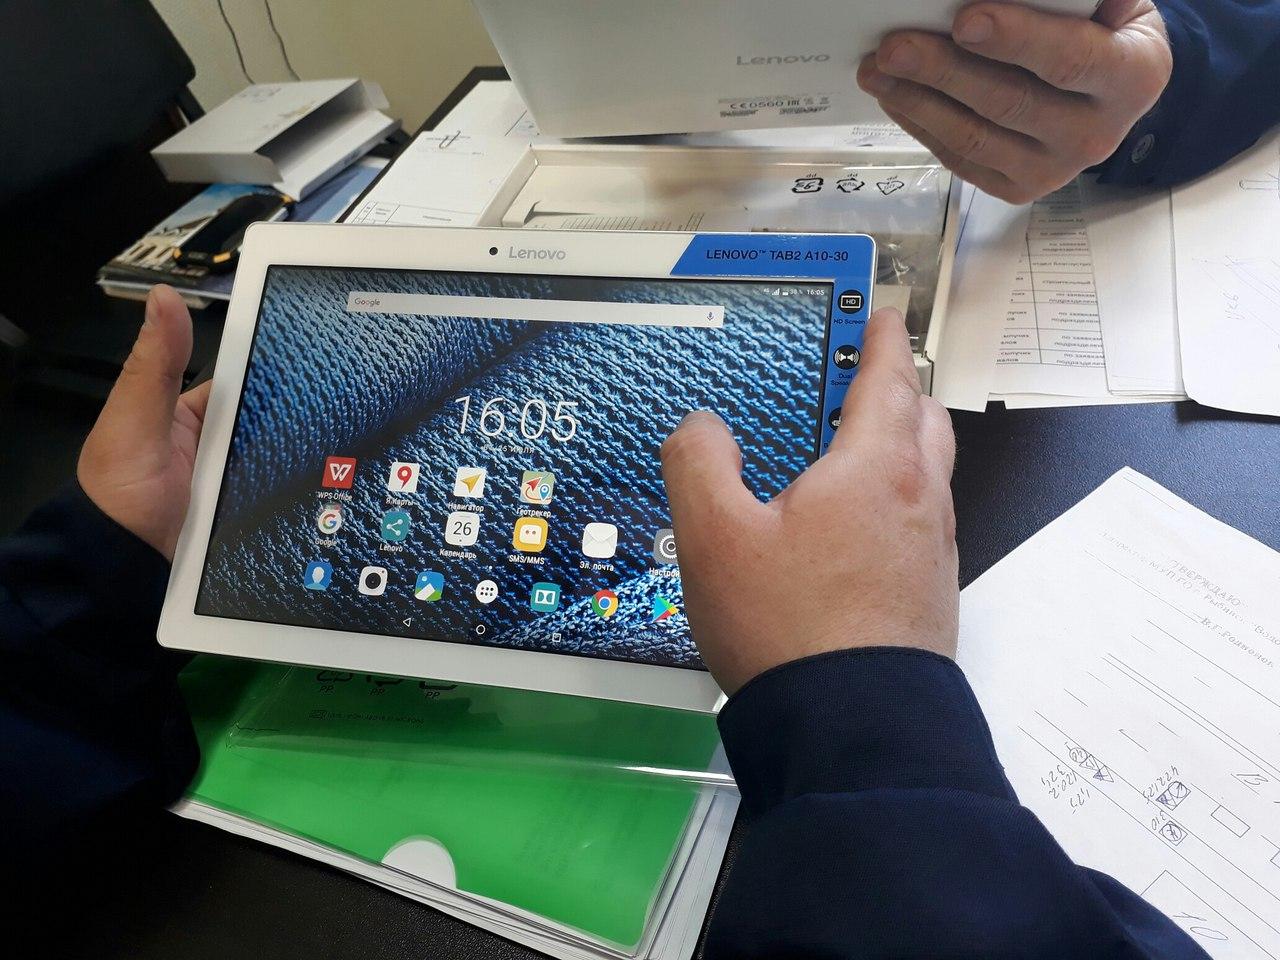 Водоканал купил аварийщикам планшеты. Говорят, это повысит оперативность